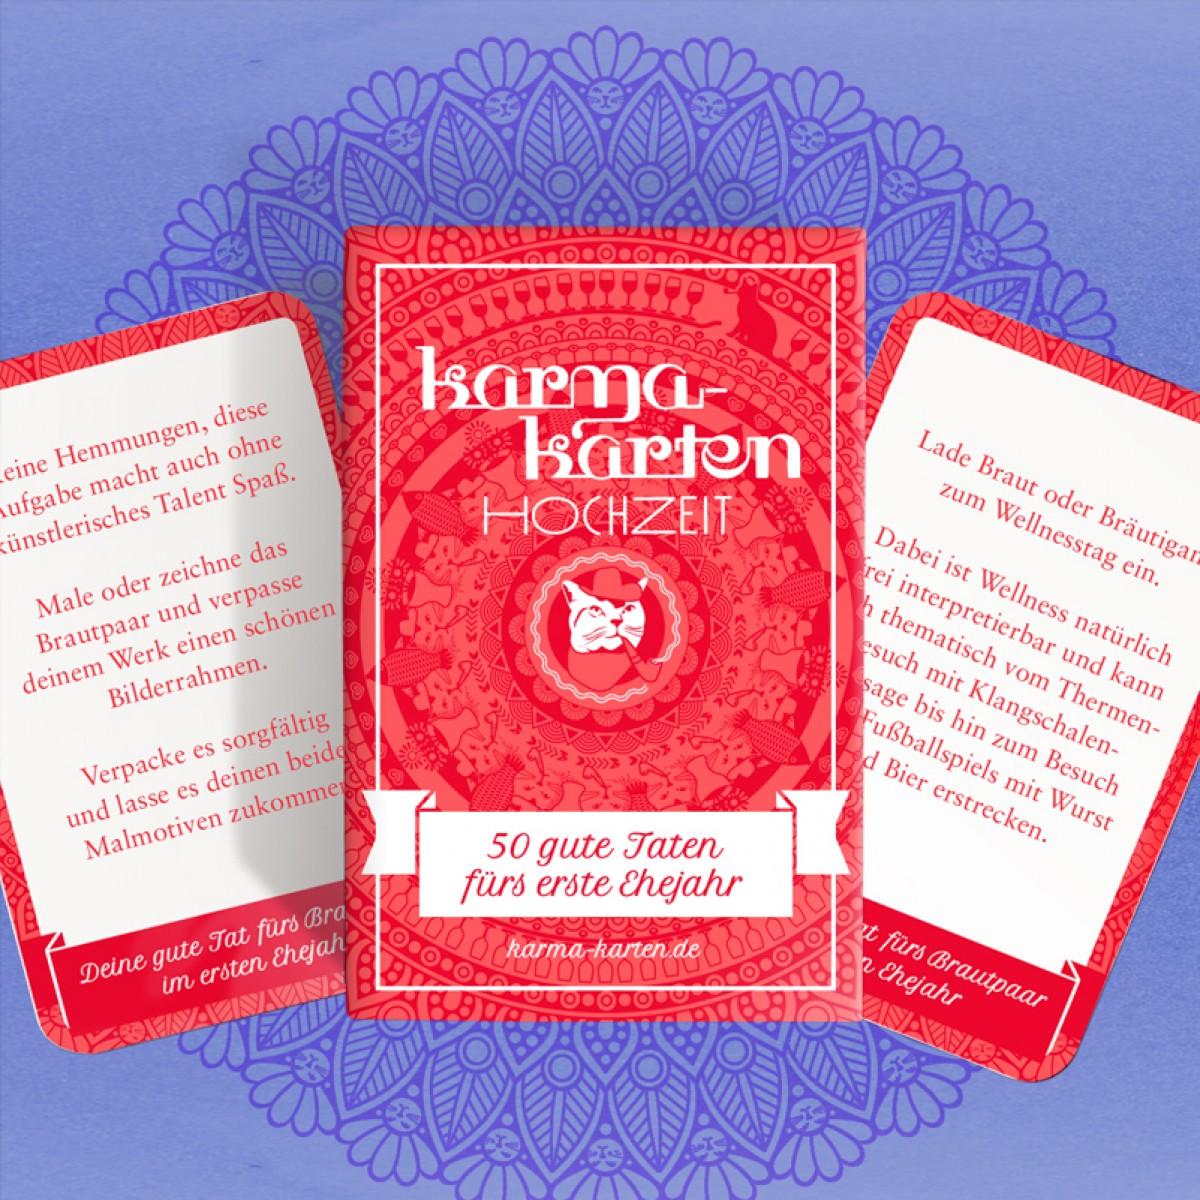 Chaoskarten Karmakarten Hochzeit